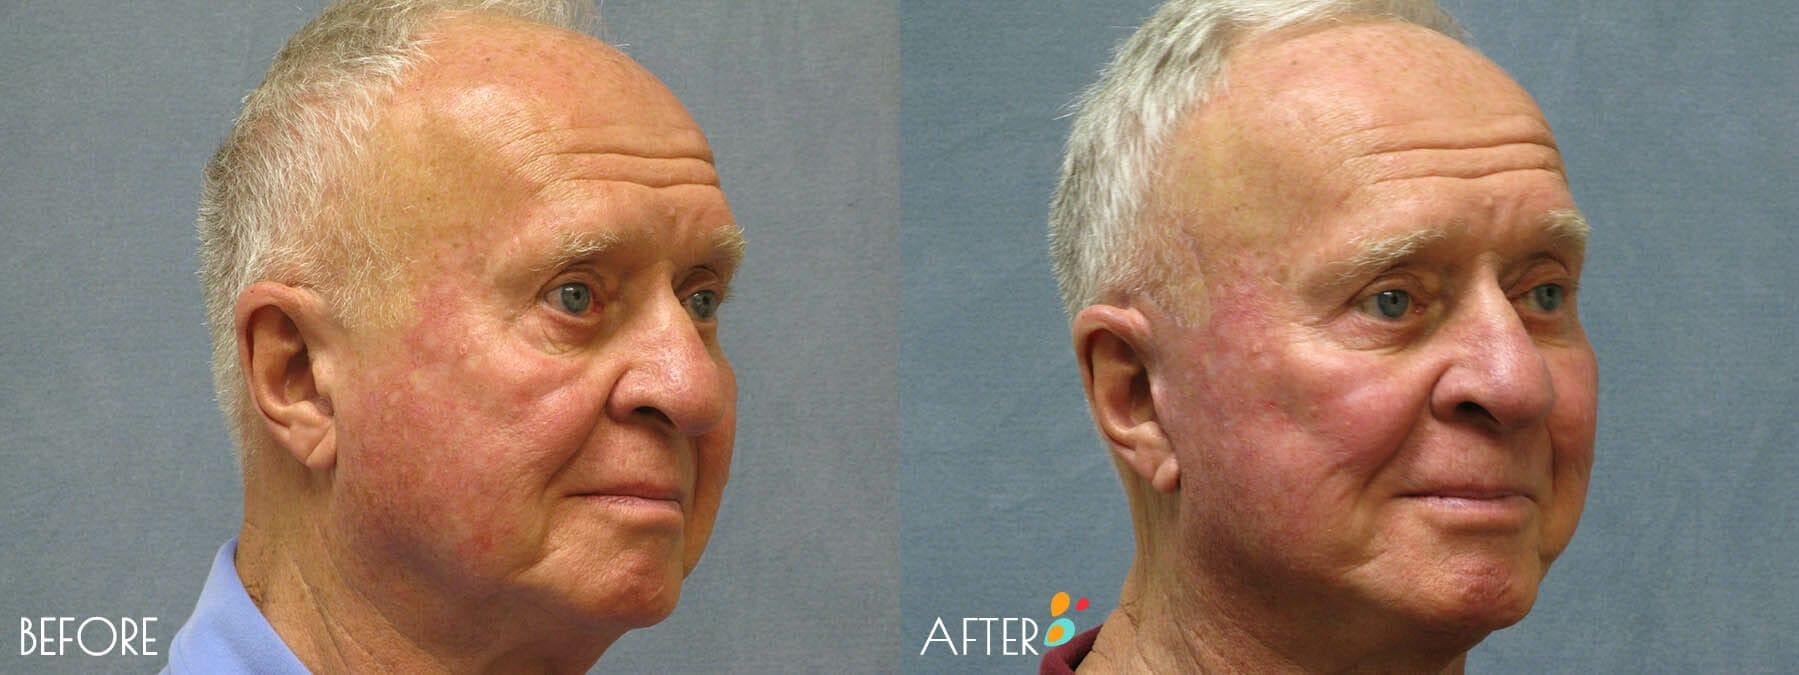 Face Lift Patient 11, Quarter